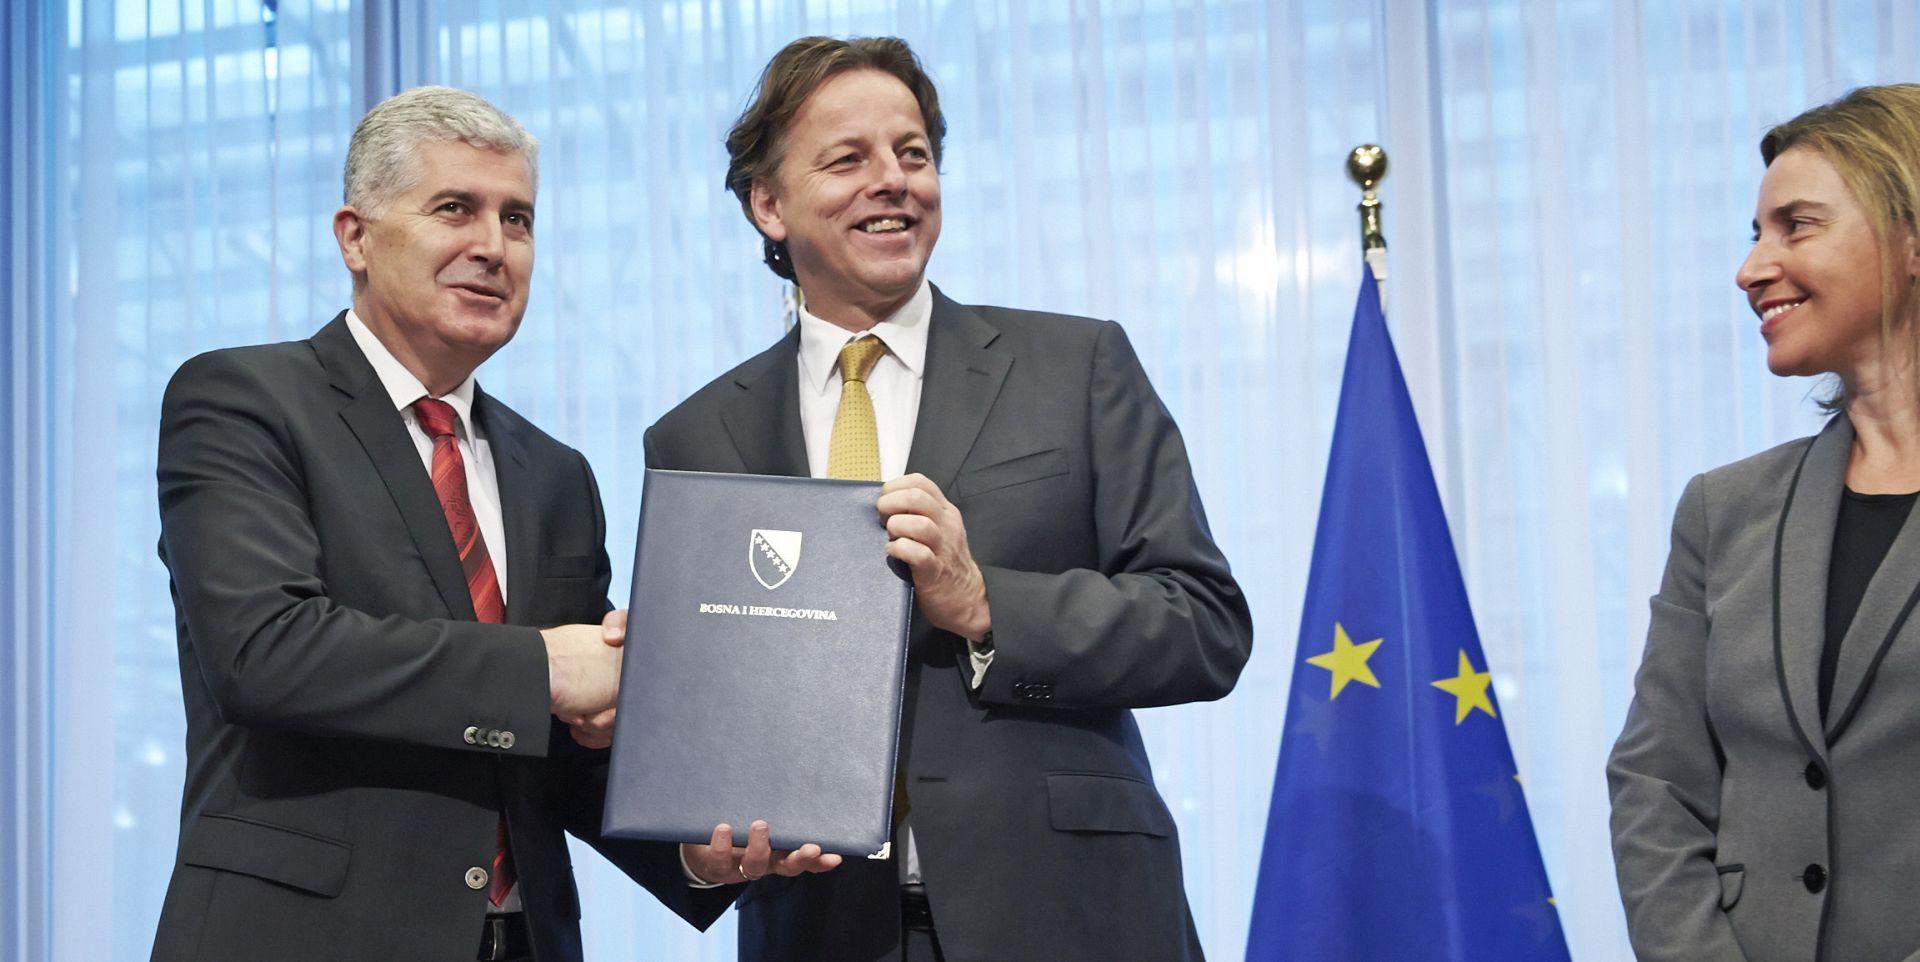 Predsjednik predsjedništva BiH predao zahtjev za članstvo u EU